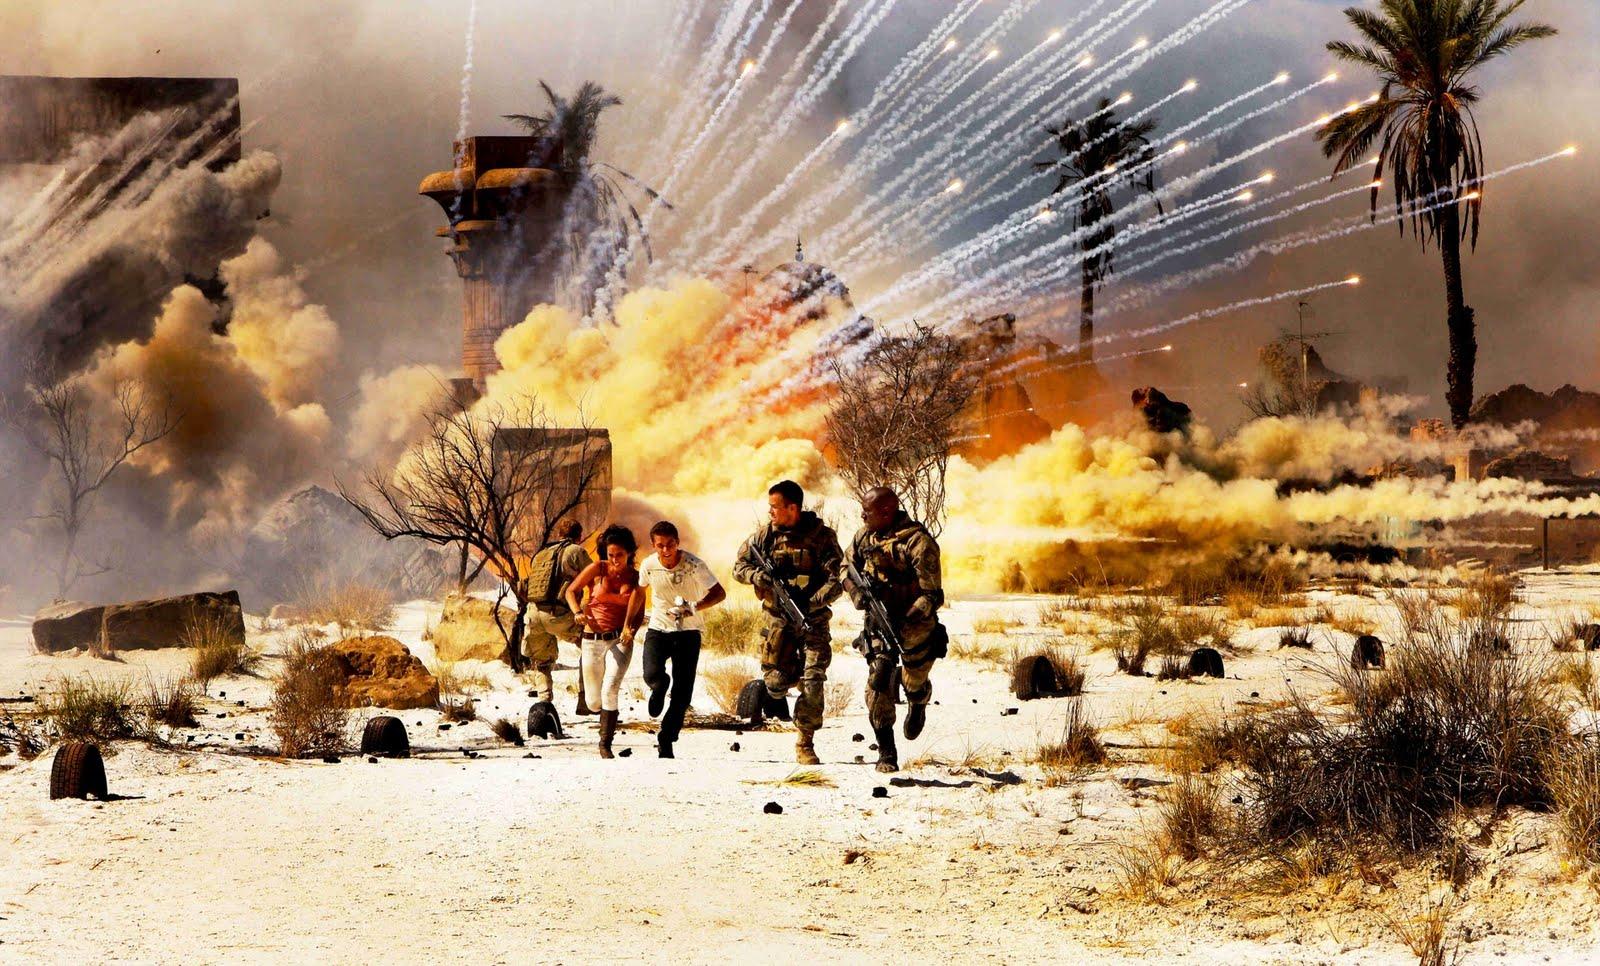 http://4.bp.blogspot.com/-l5qFykRlkU4/Th2zw0btf6I/AAAAAAAAAVA/FhFUPmfnGfk/s1600/transformers_2_explosion.jpg